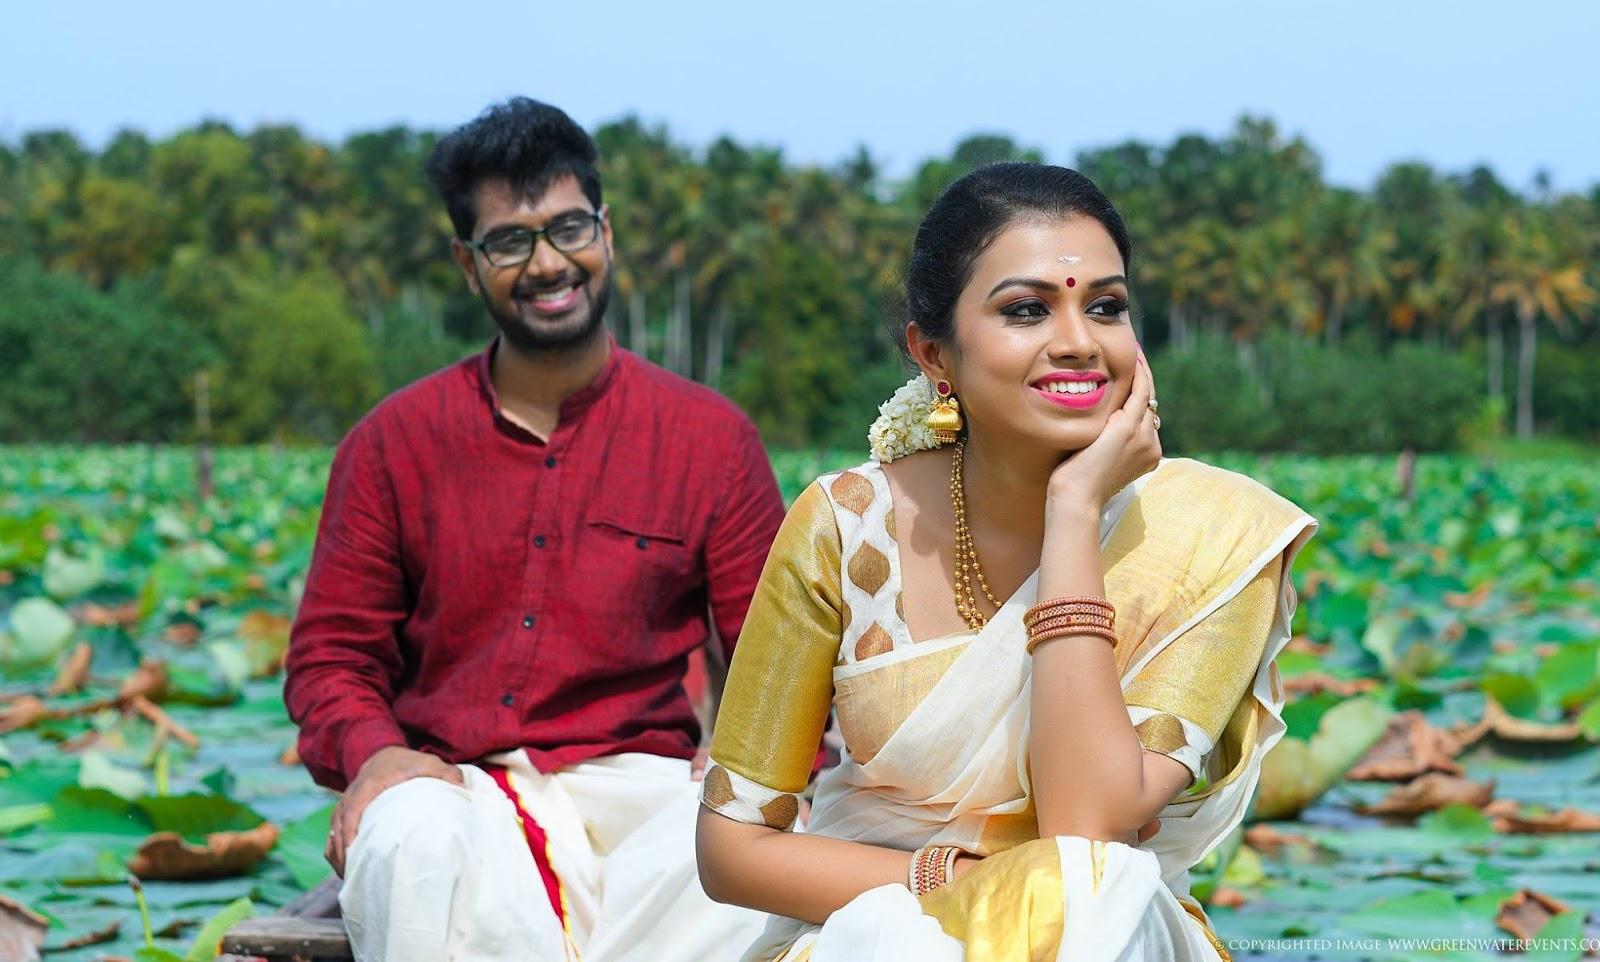 Beautiful Photos Of Indian Real Life Girls And Malayalam -7419